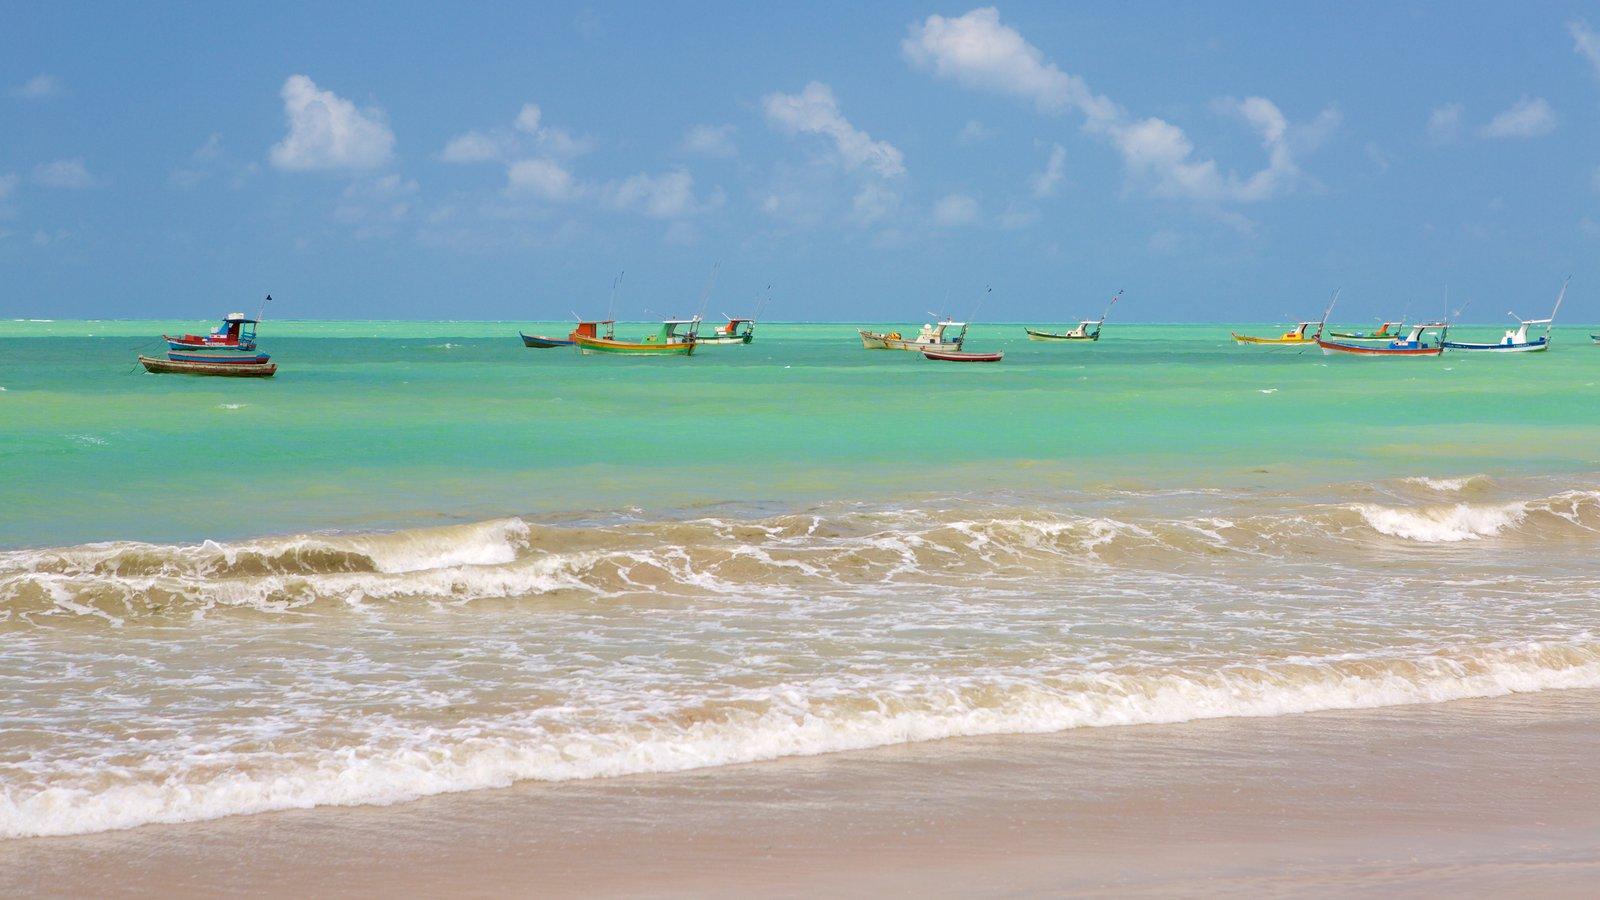 Praia de Pajuçara caracterizando canoagem, uma praia de areia e paisagens litorâneas